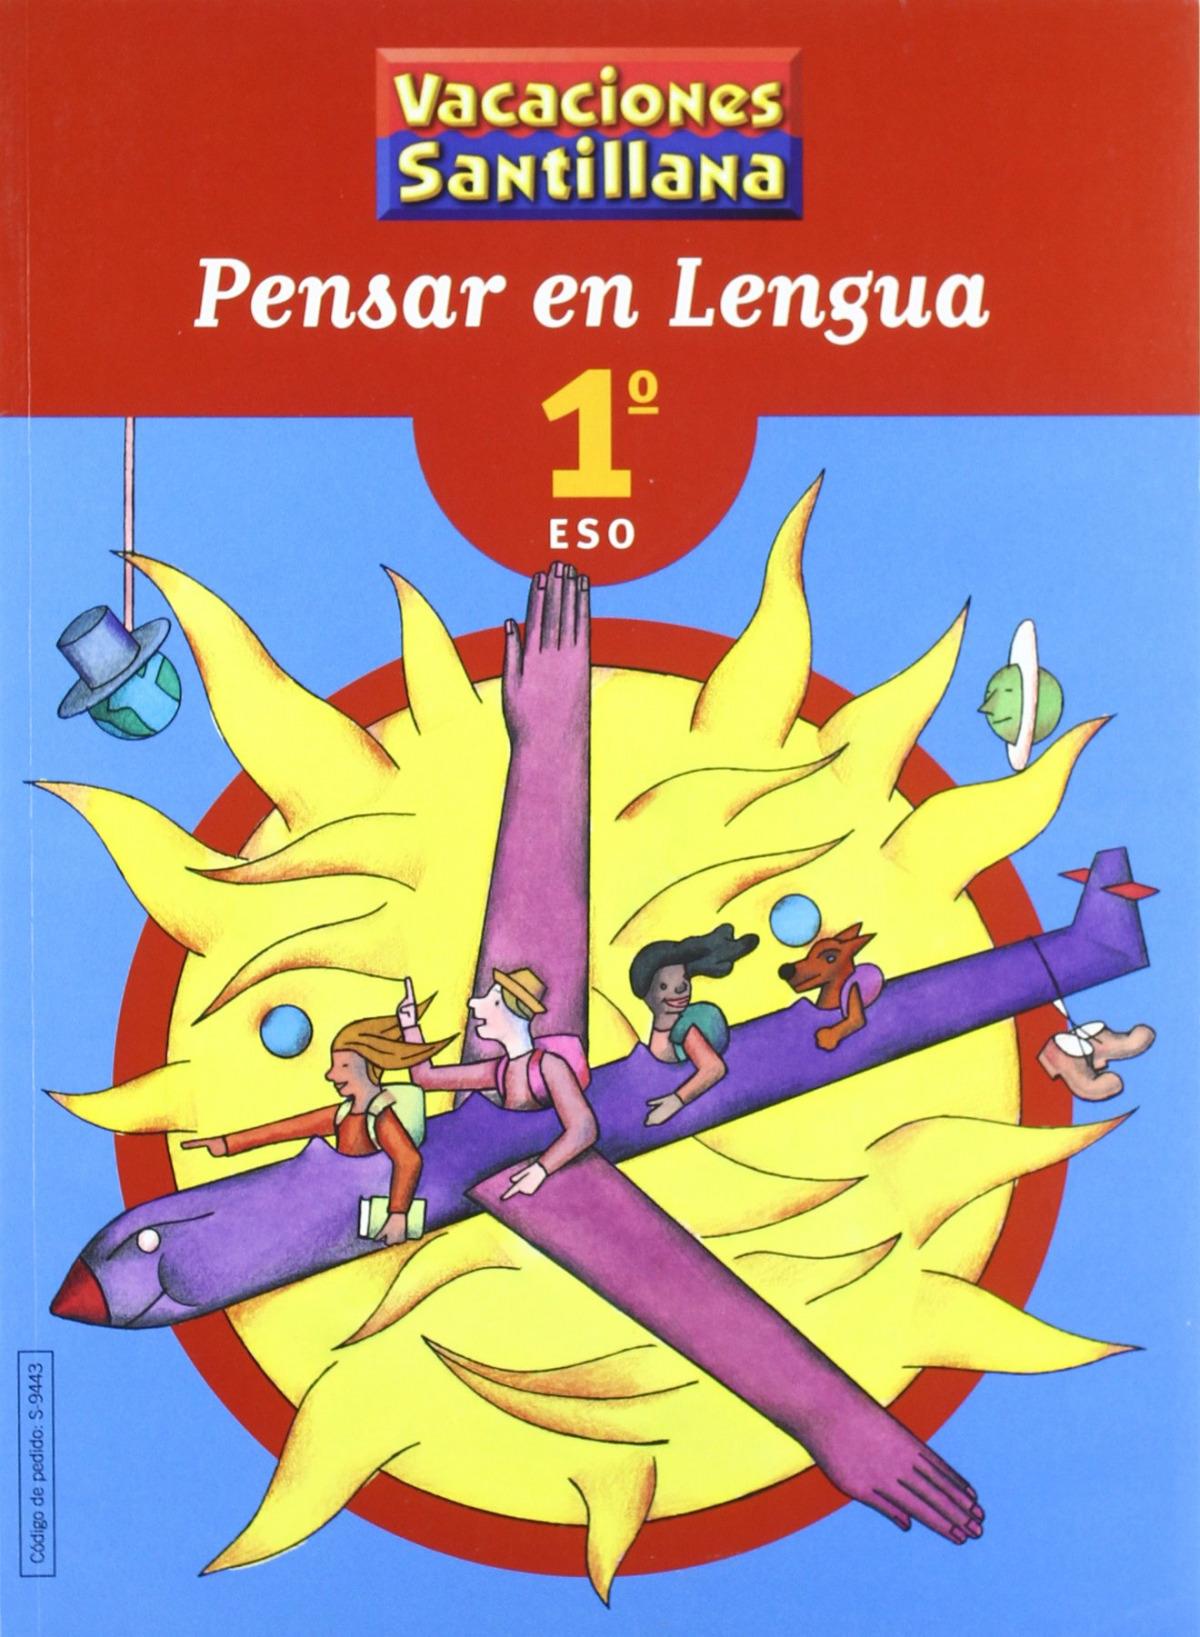 VACACIONES PENSAR EN LENGUA 1 ESO SANTILLANA 9788429494433